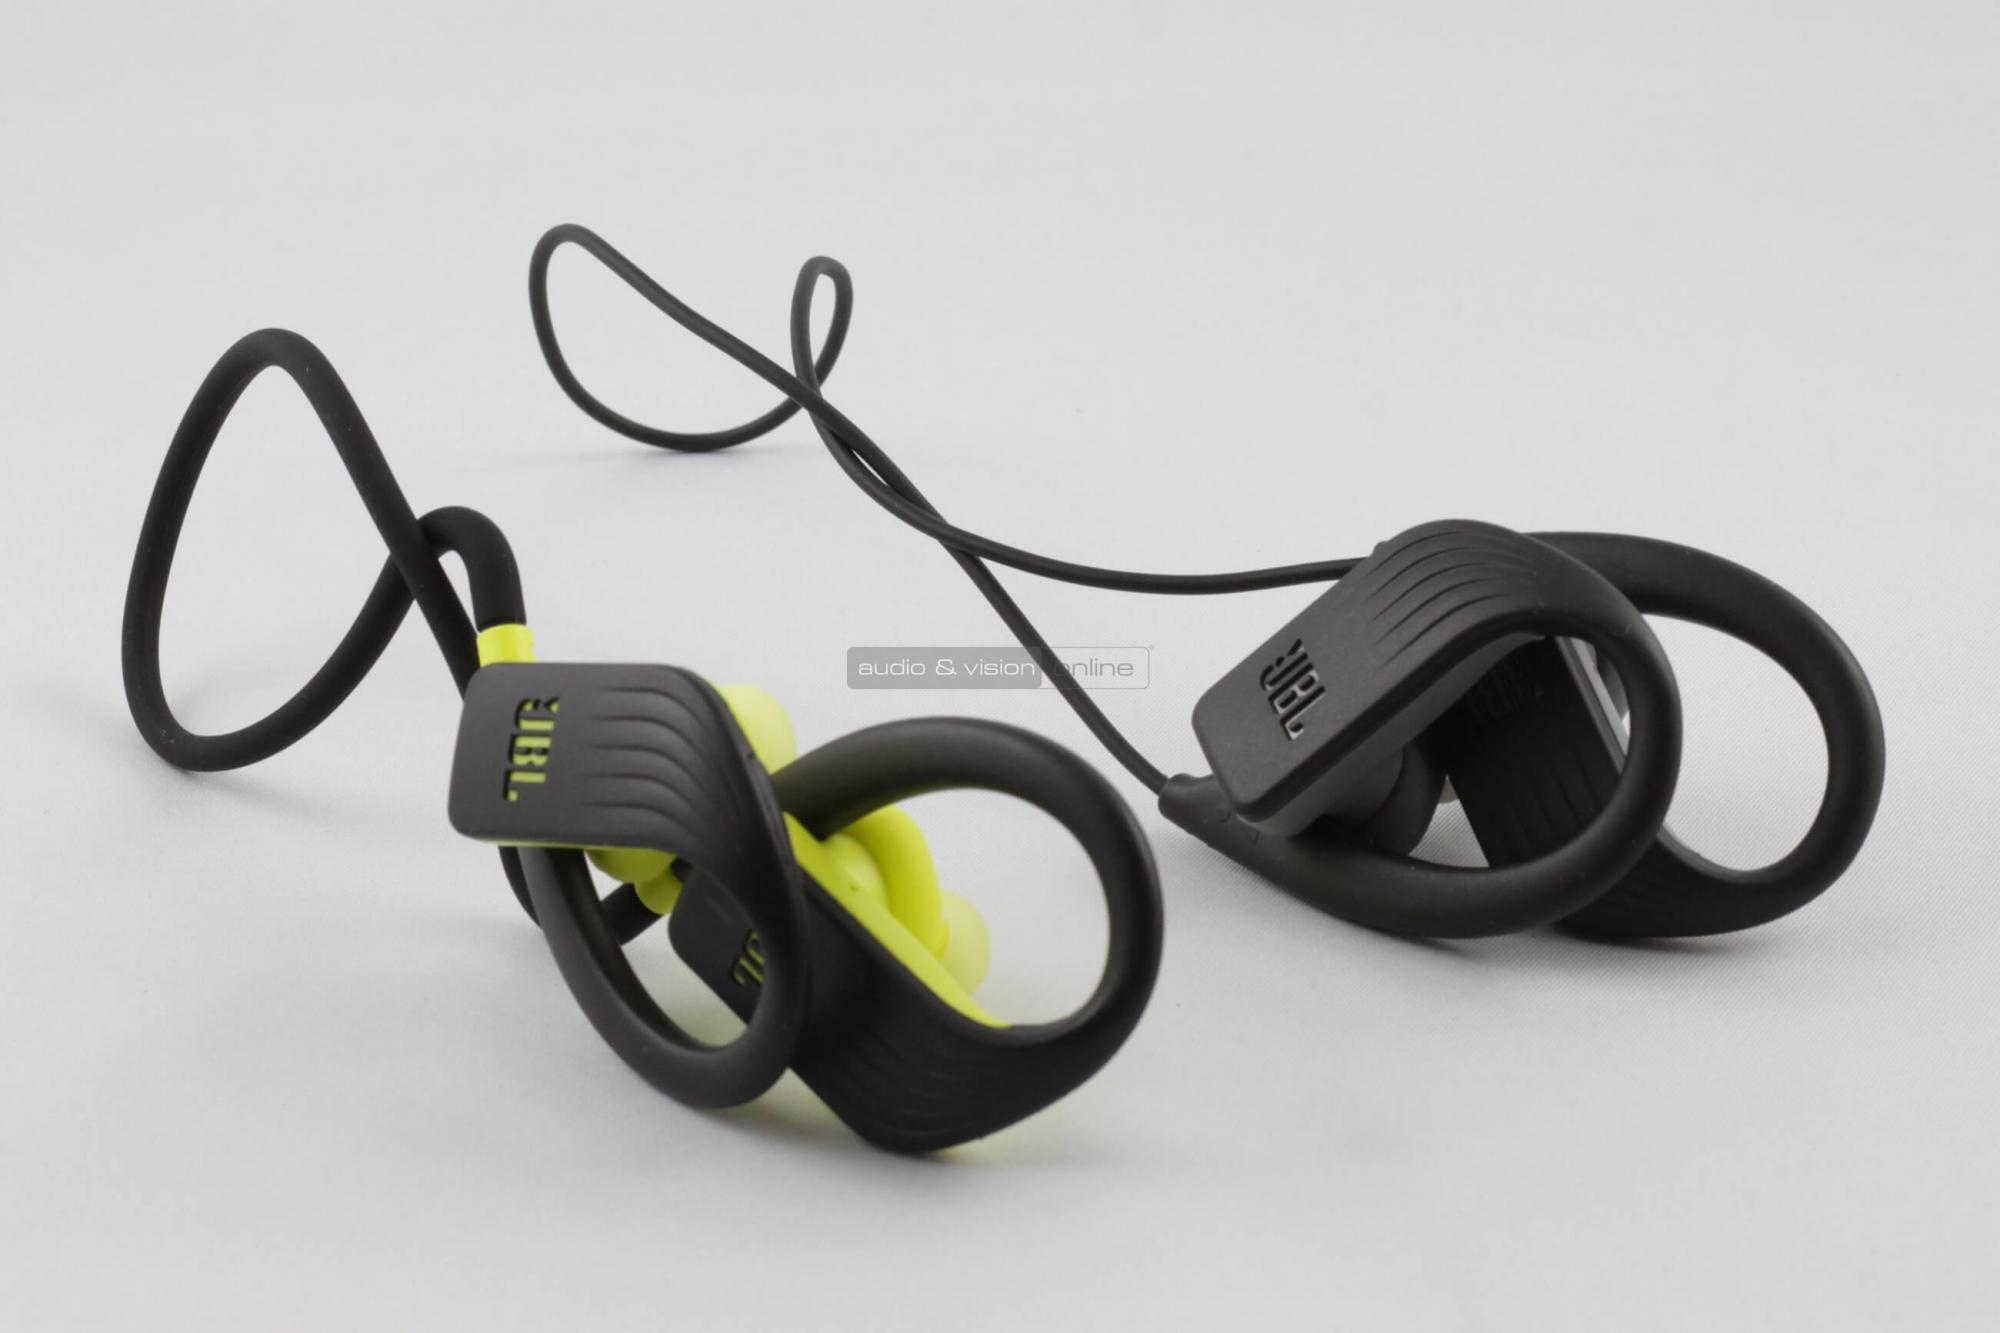 961d879fbaa JBL Endurance SPRINT és Endurance JUMP Bluetooth sportfülhallgató ...